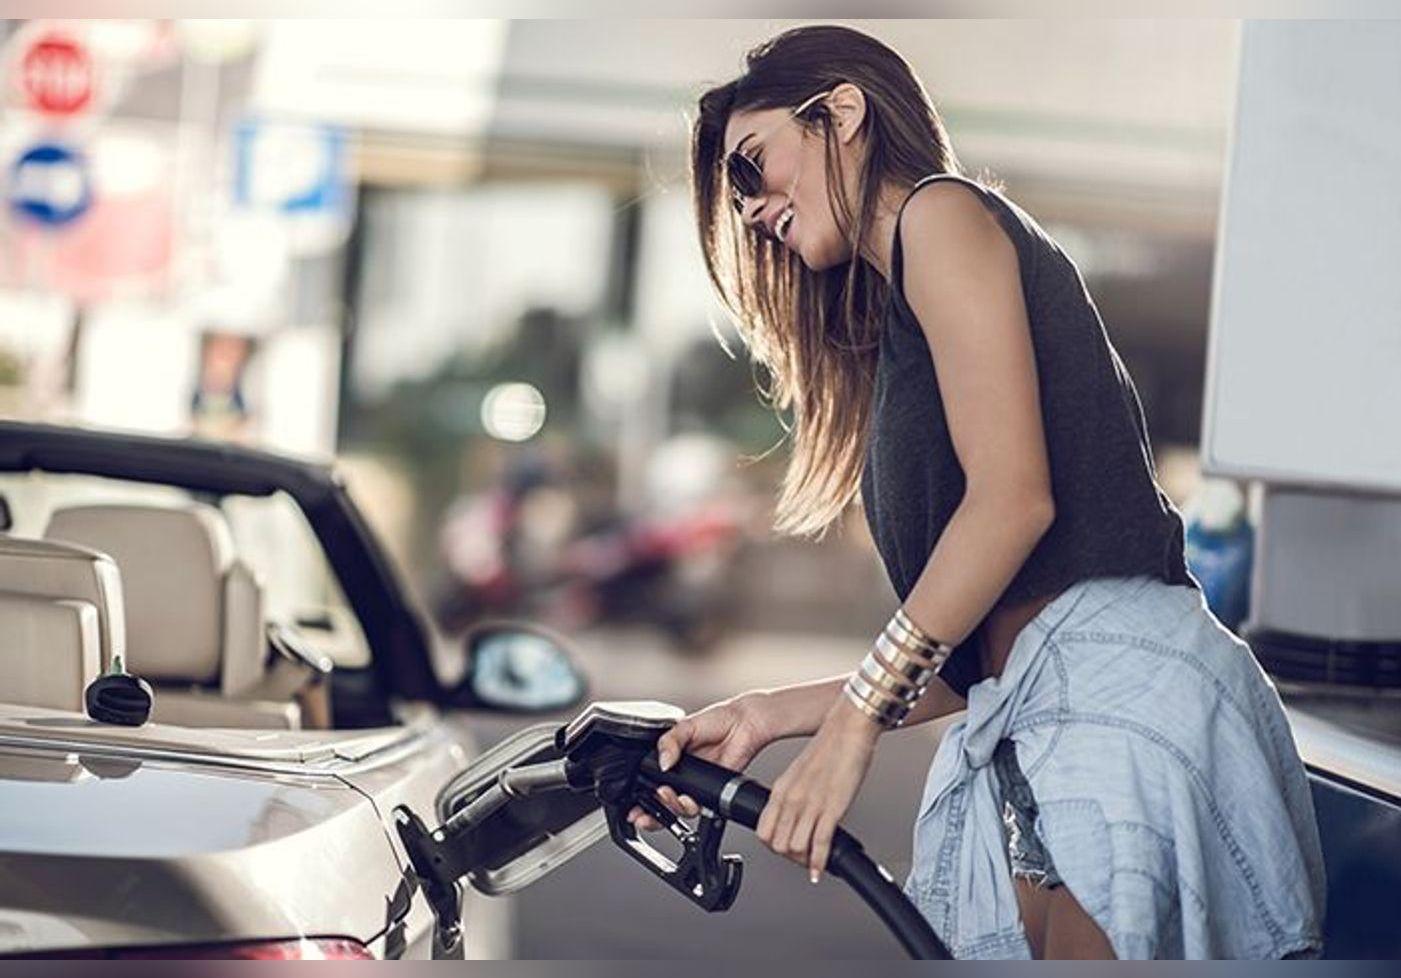 Bon plan essence : Leclerc vendra son carburant à prix coûtant, sans marge, pour contrer la flambée record